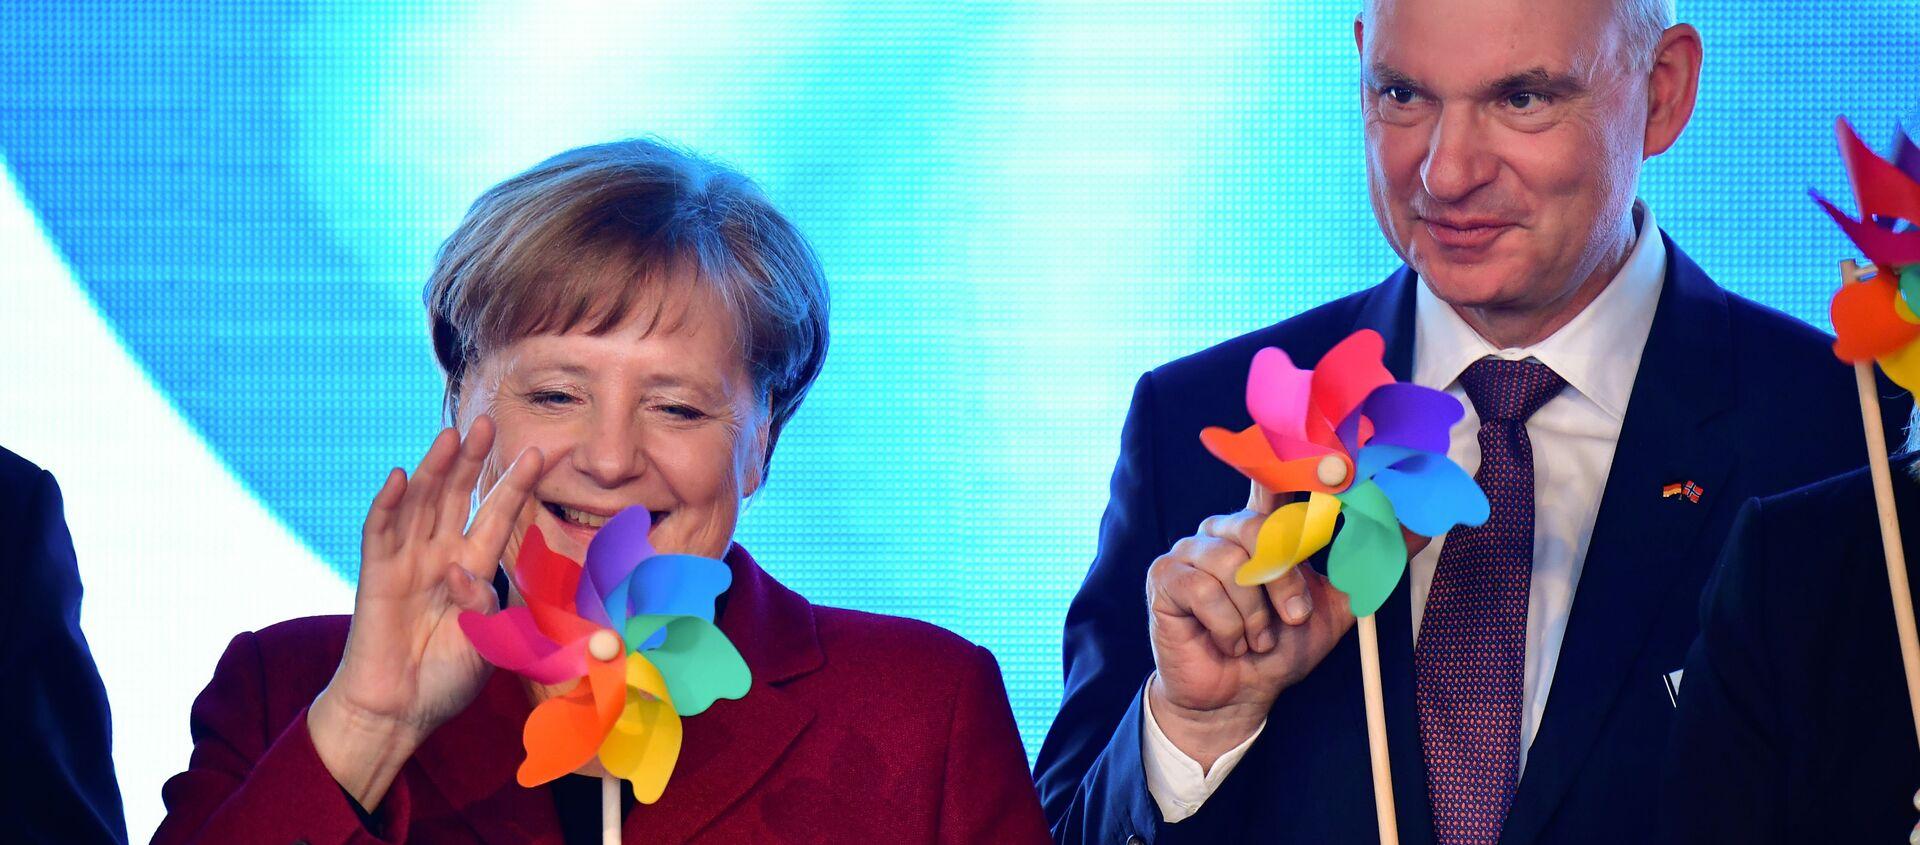 La Chancelière fédérale allemande Angela Merkel durant l'inauguration du parc éolien en mer «Arkona», le 16 avril 2019 - Sputnik France, 1920, 27.12.2020